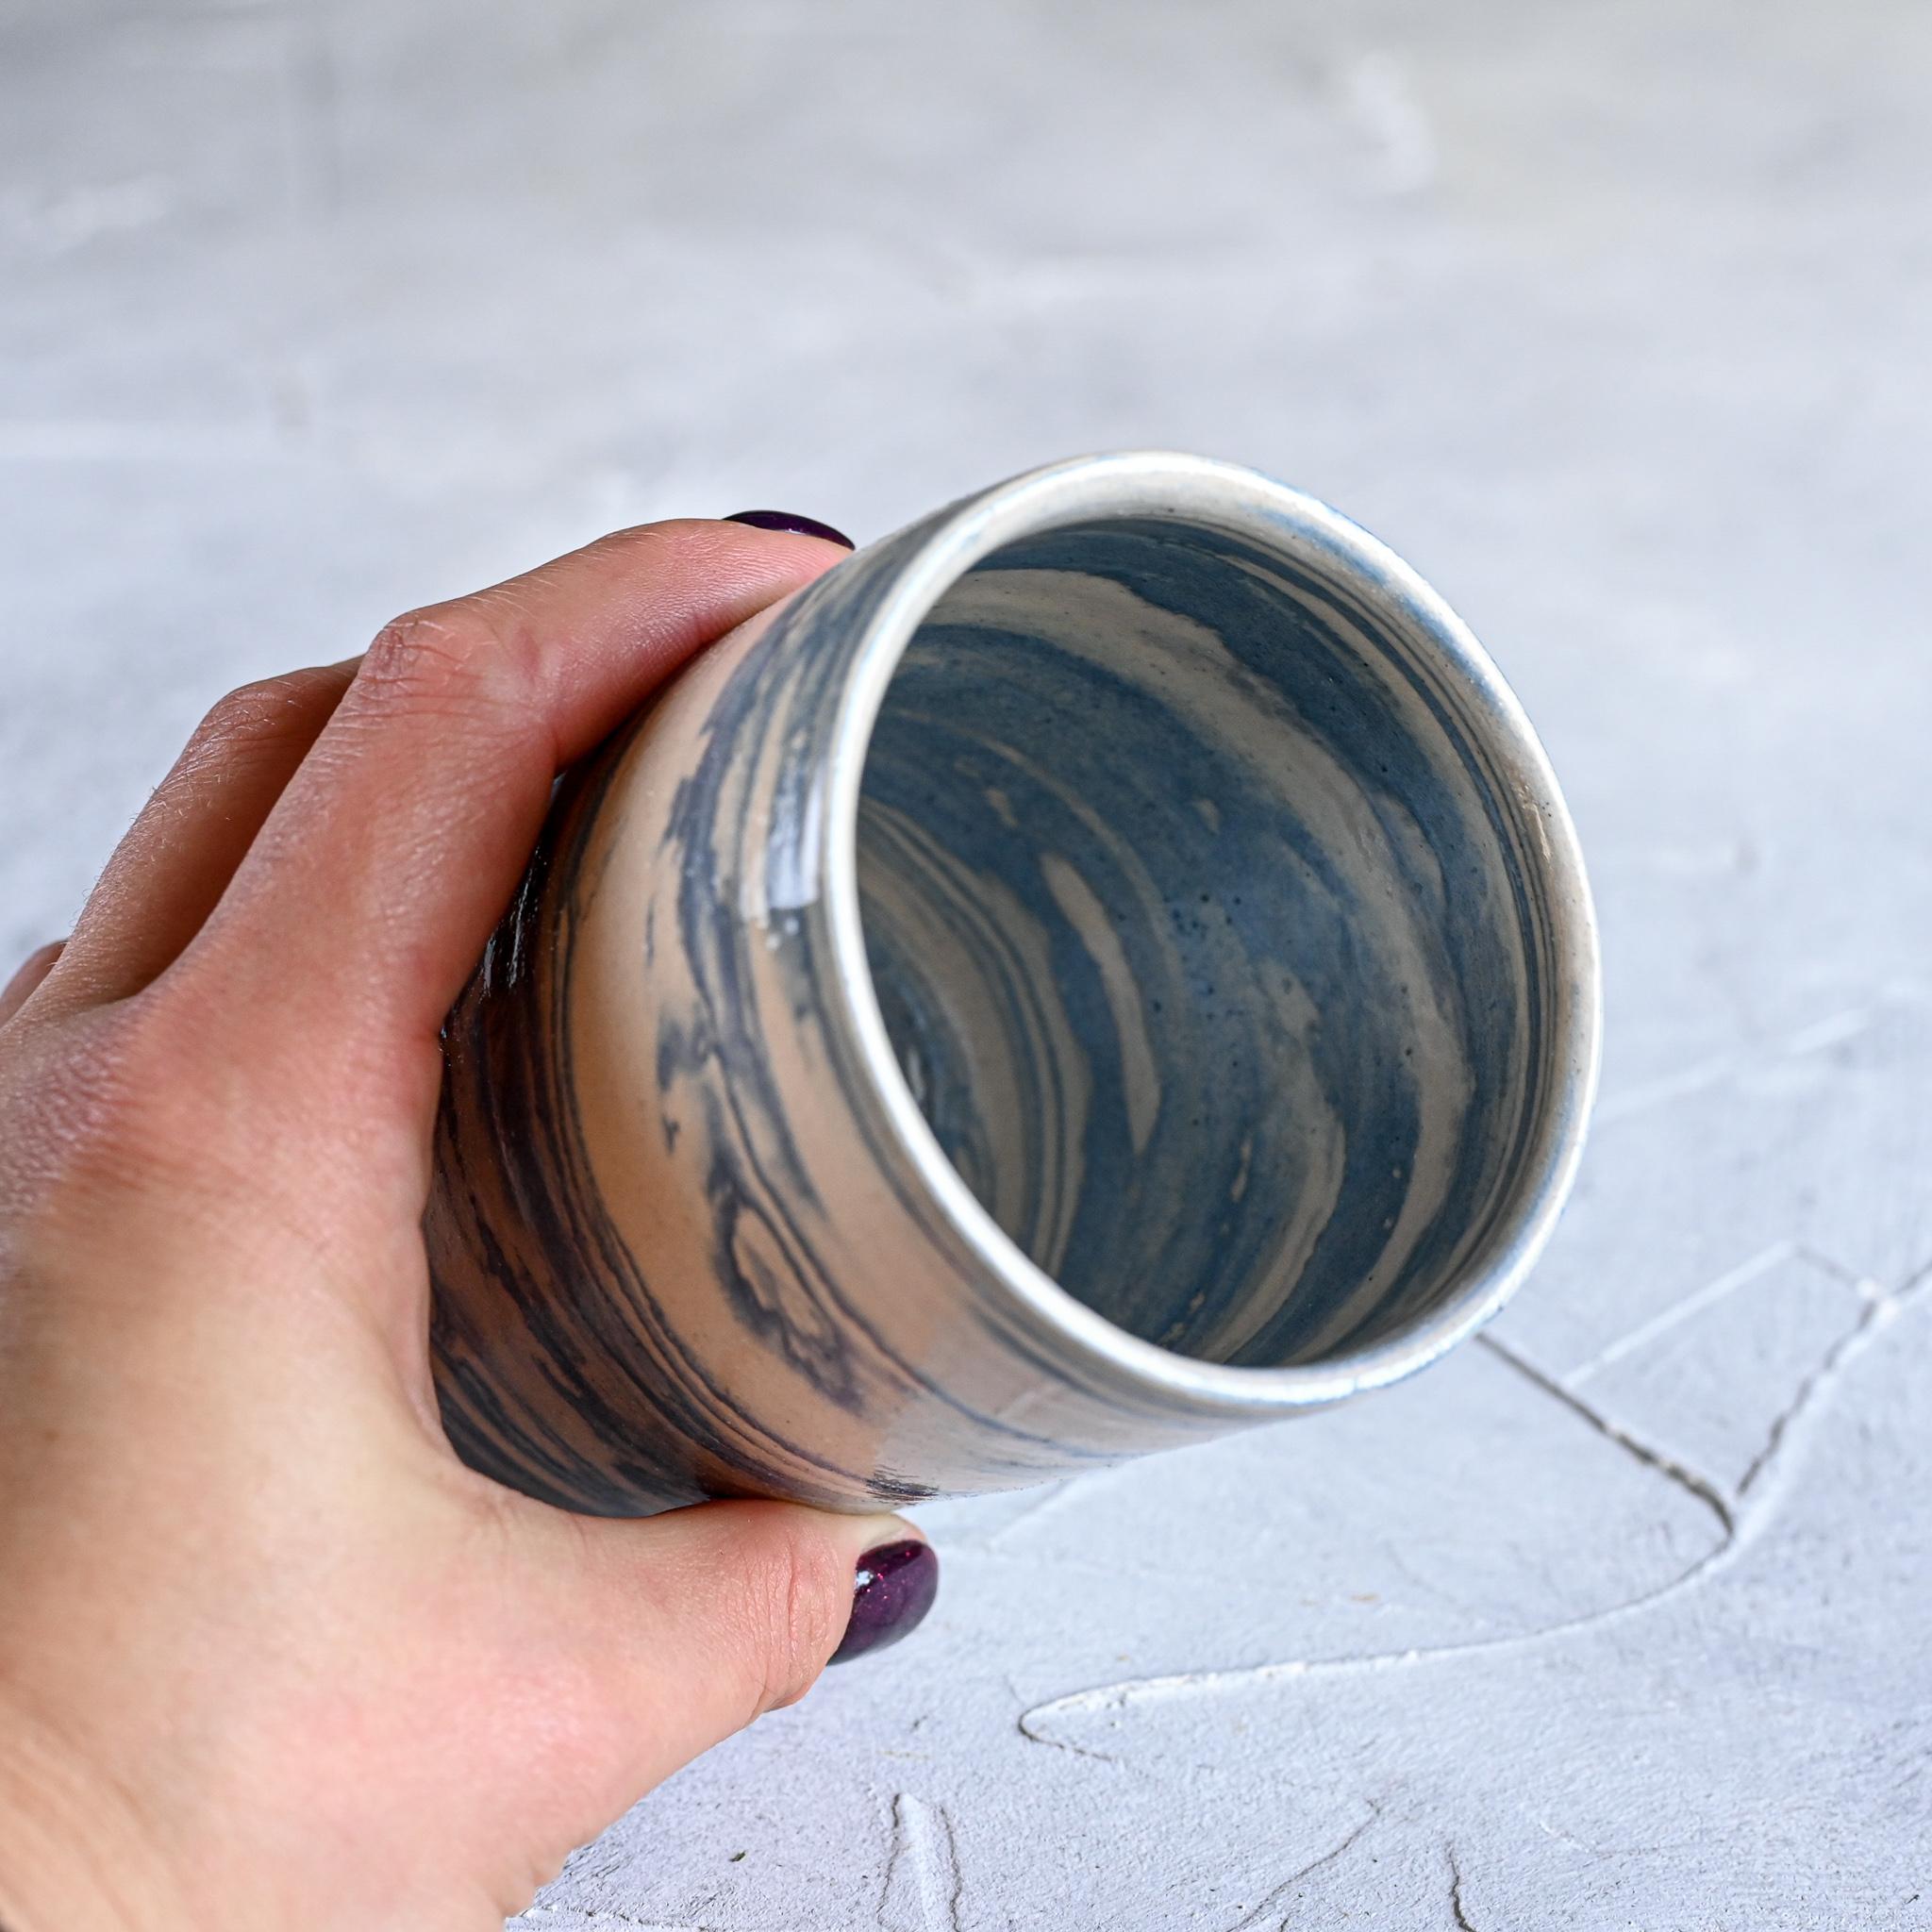 картинка Керамический стакан в технике нерияге 4 - DishWishes.Ru